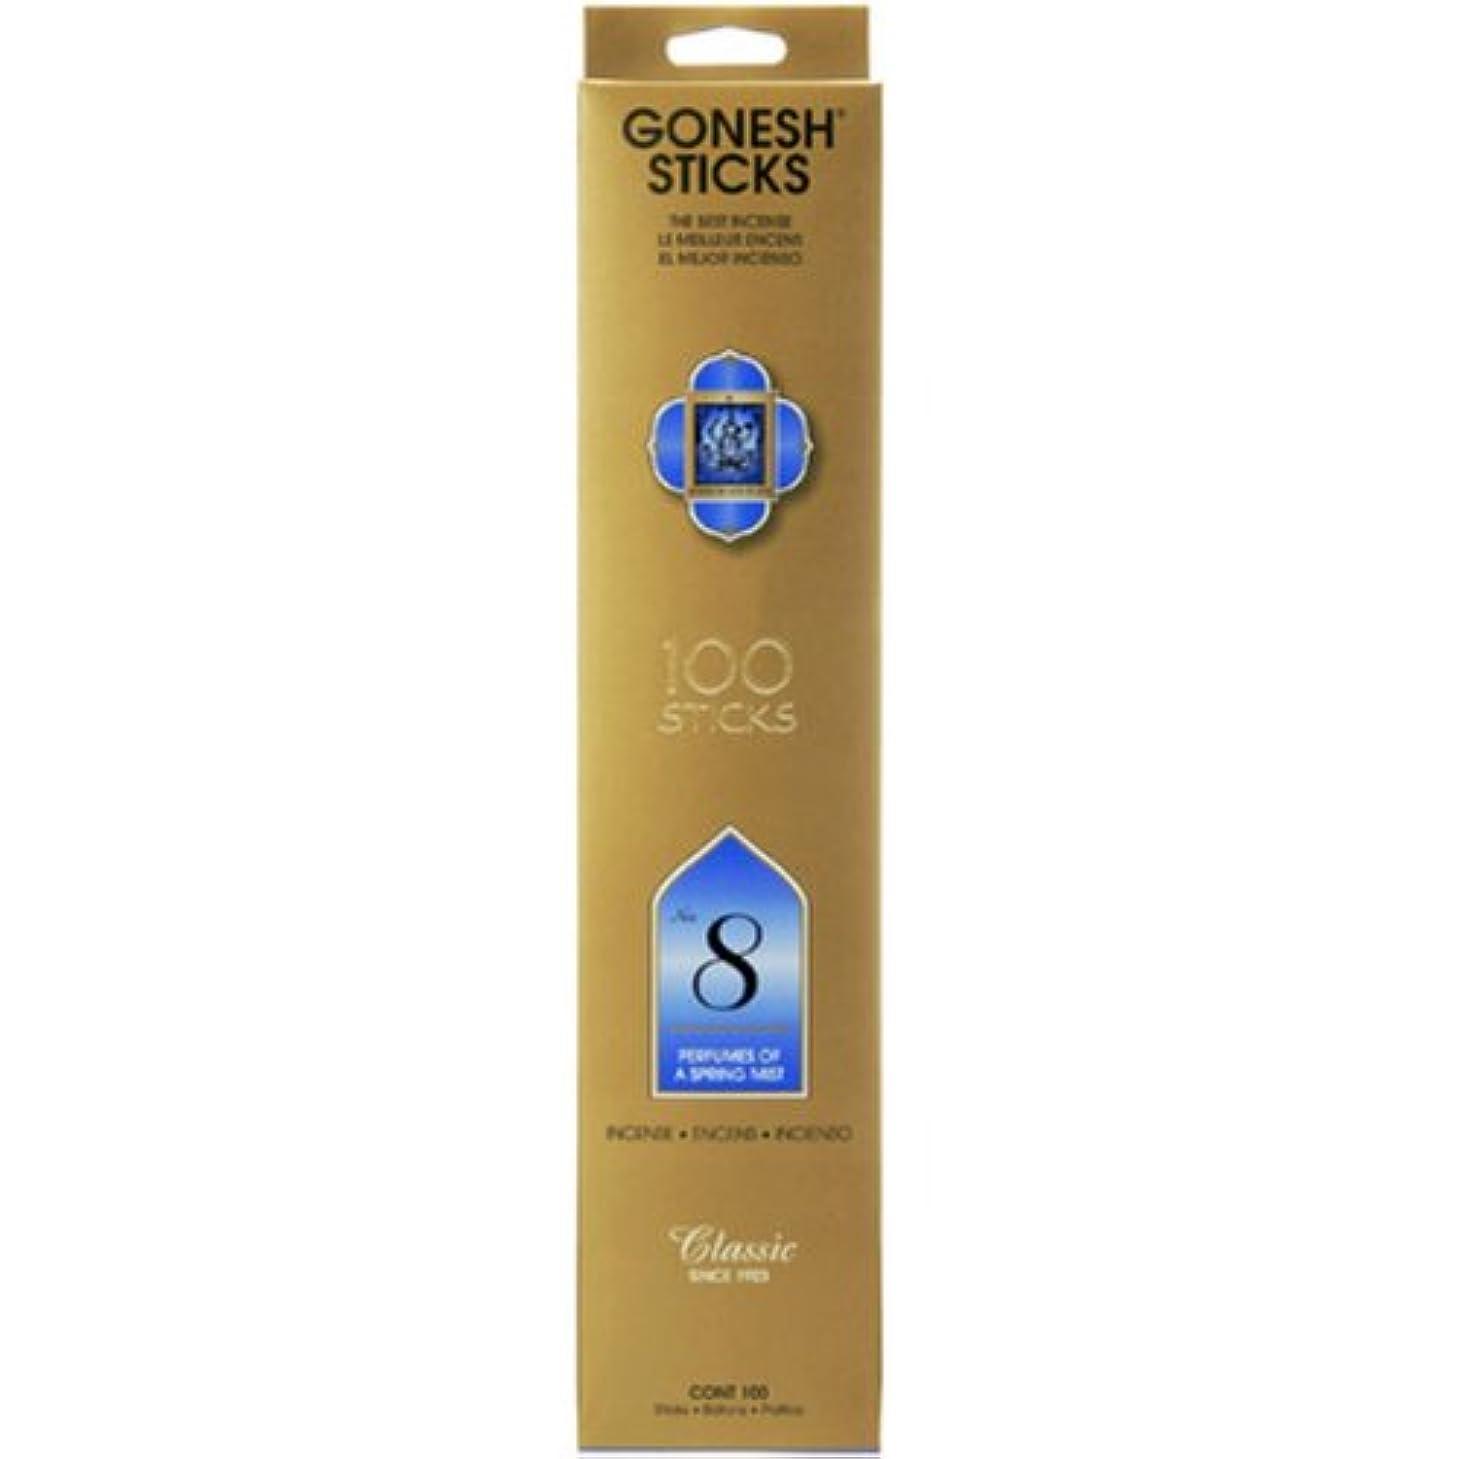 意味のある木材作動するGONESH/ガーネッシュ NO.8 スティックタイプ香100本入りボックス